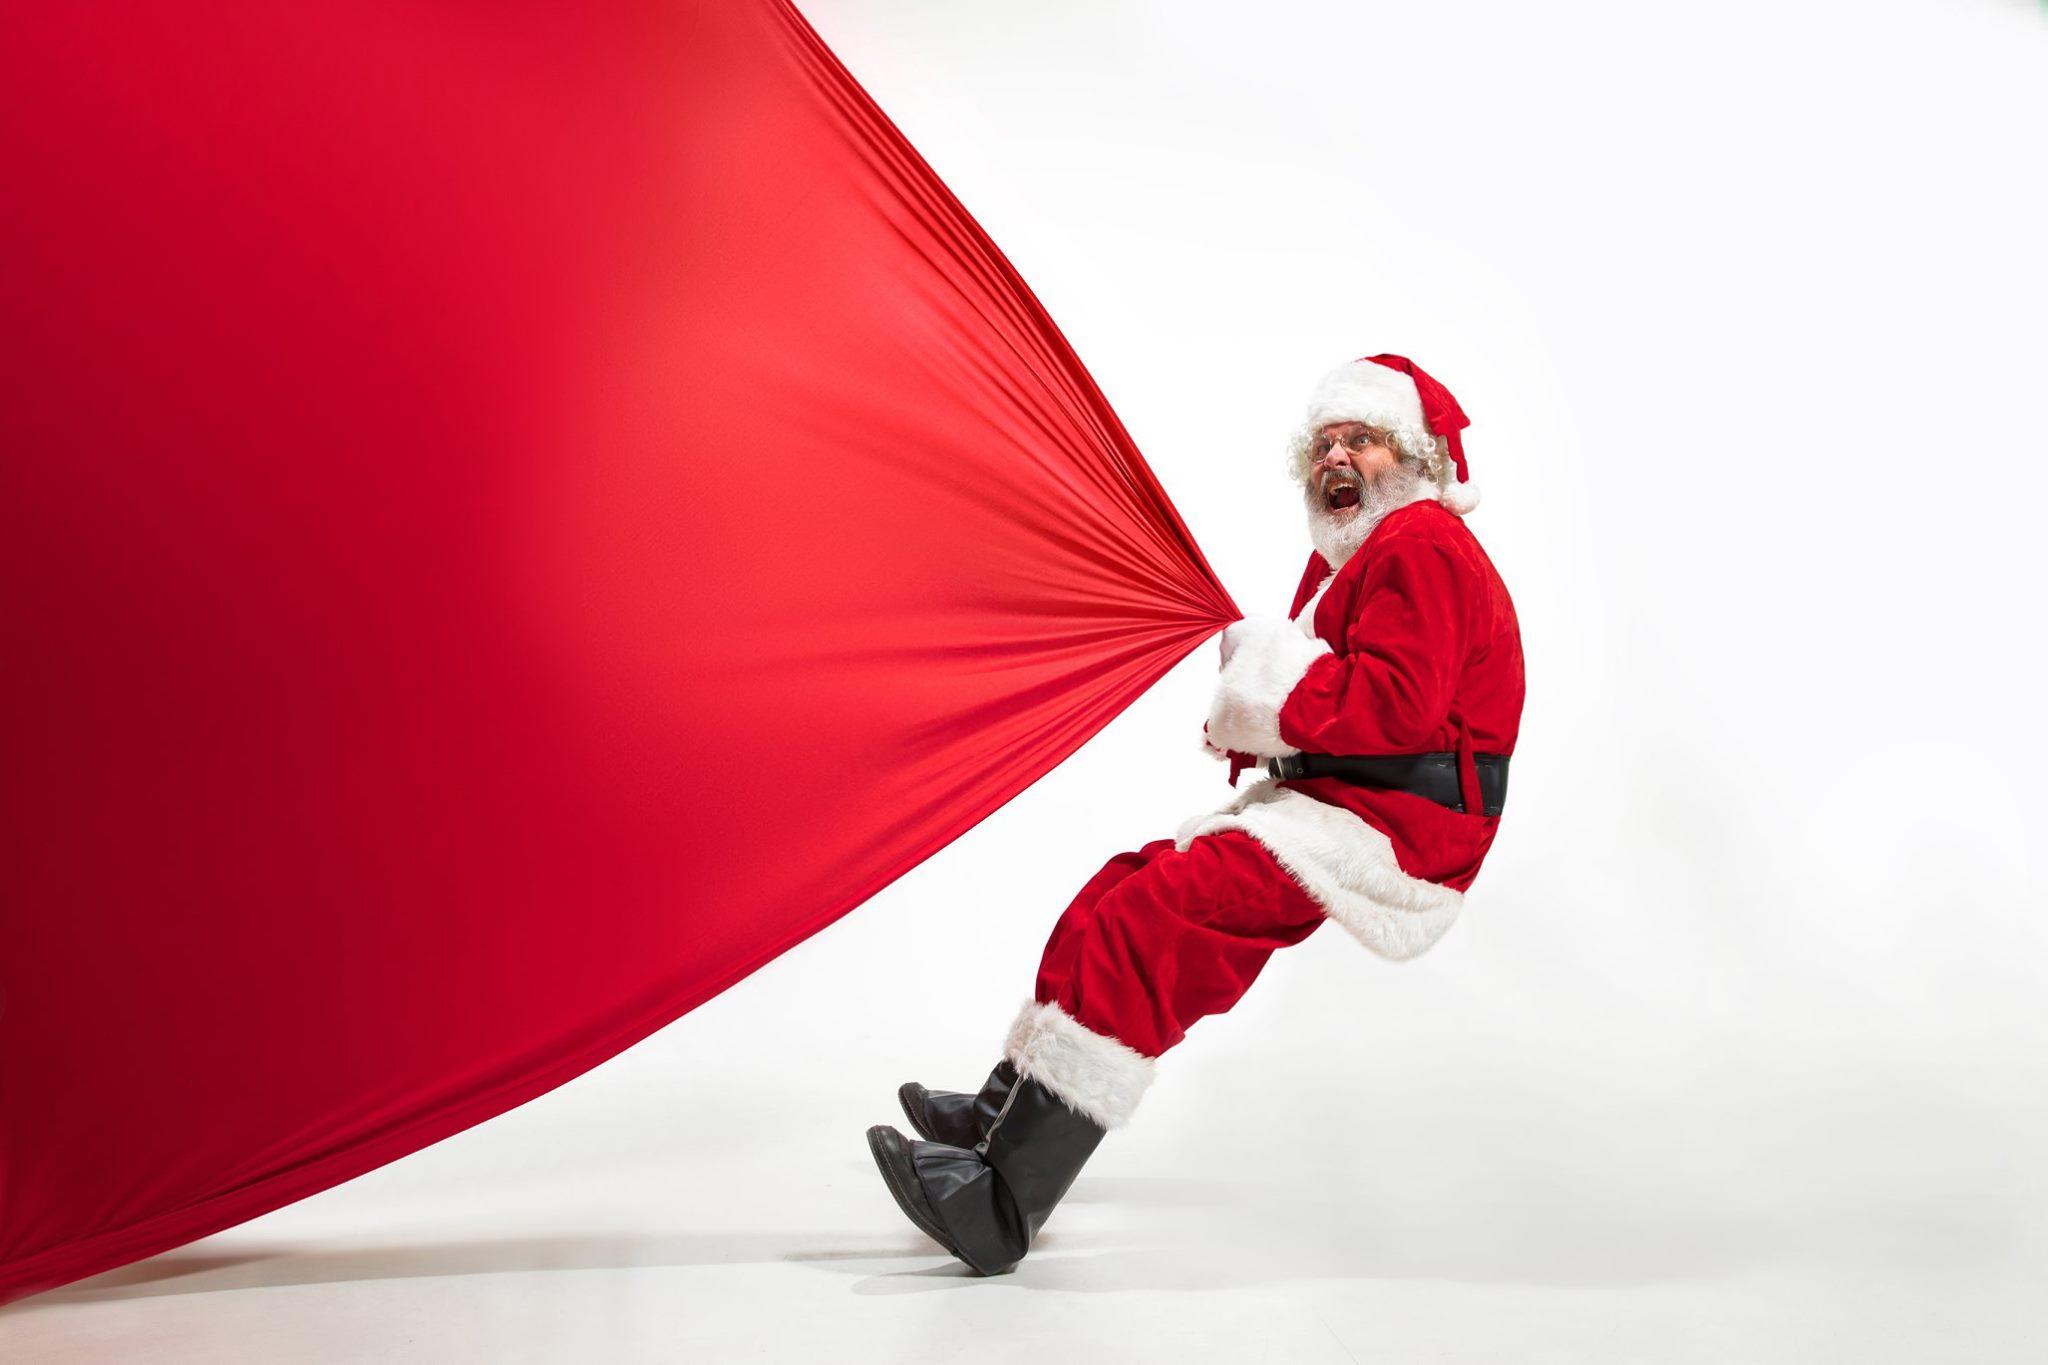 صور بابا نويل للكتابه عليها 5 صور بابا نويل للكتابه عليها